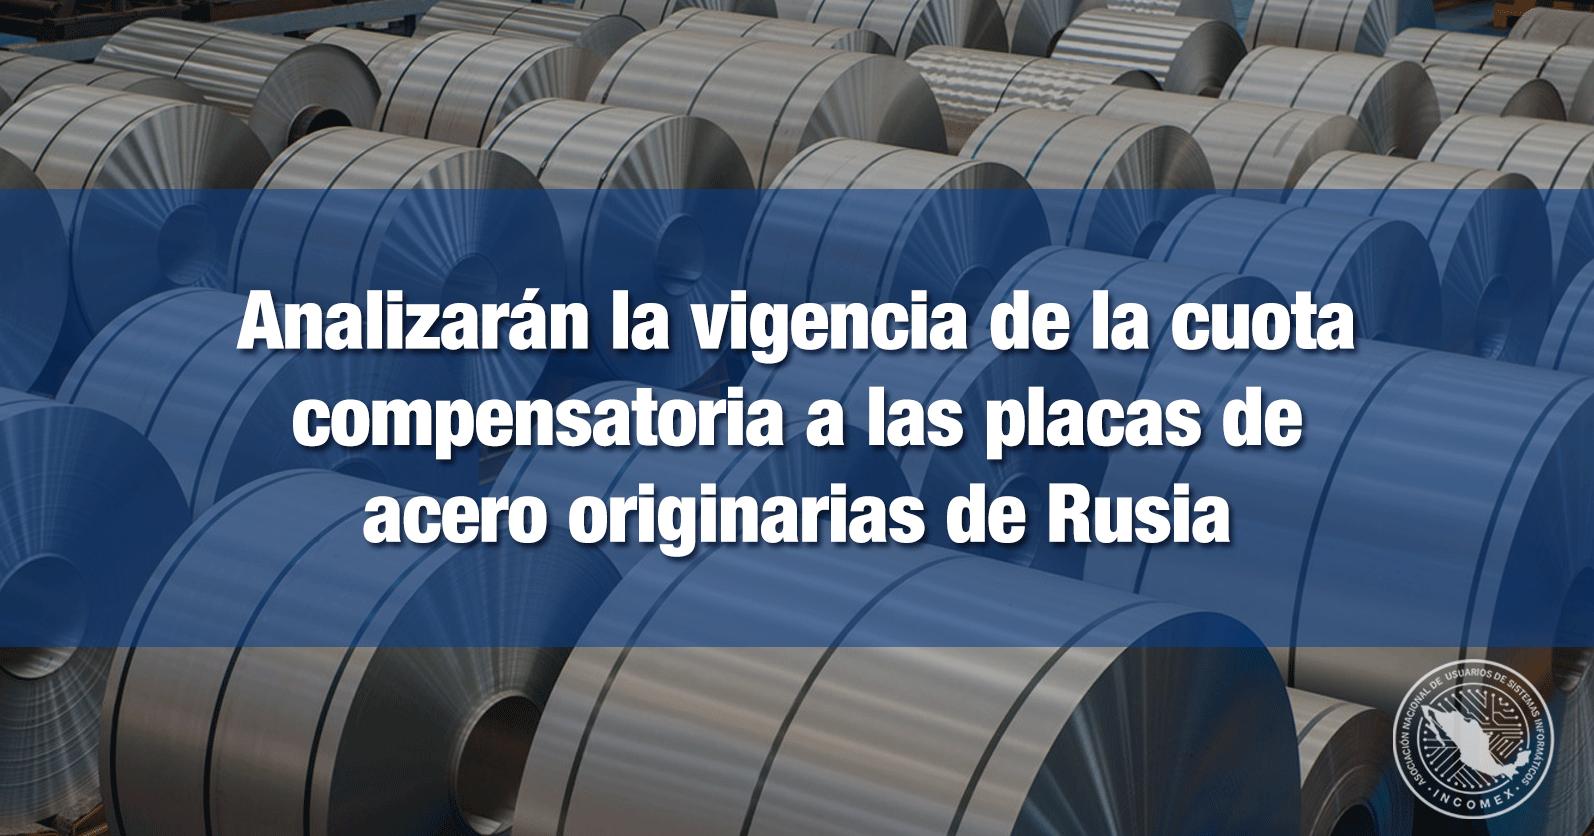 Analizarán la vigencia de la cuota compensatoria a las placas de acero originarias de Rusia